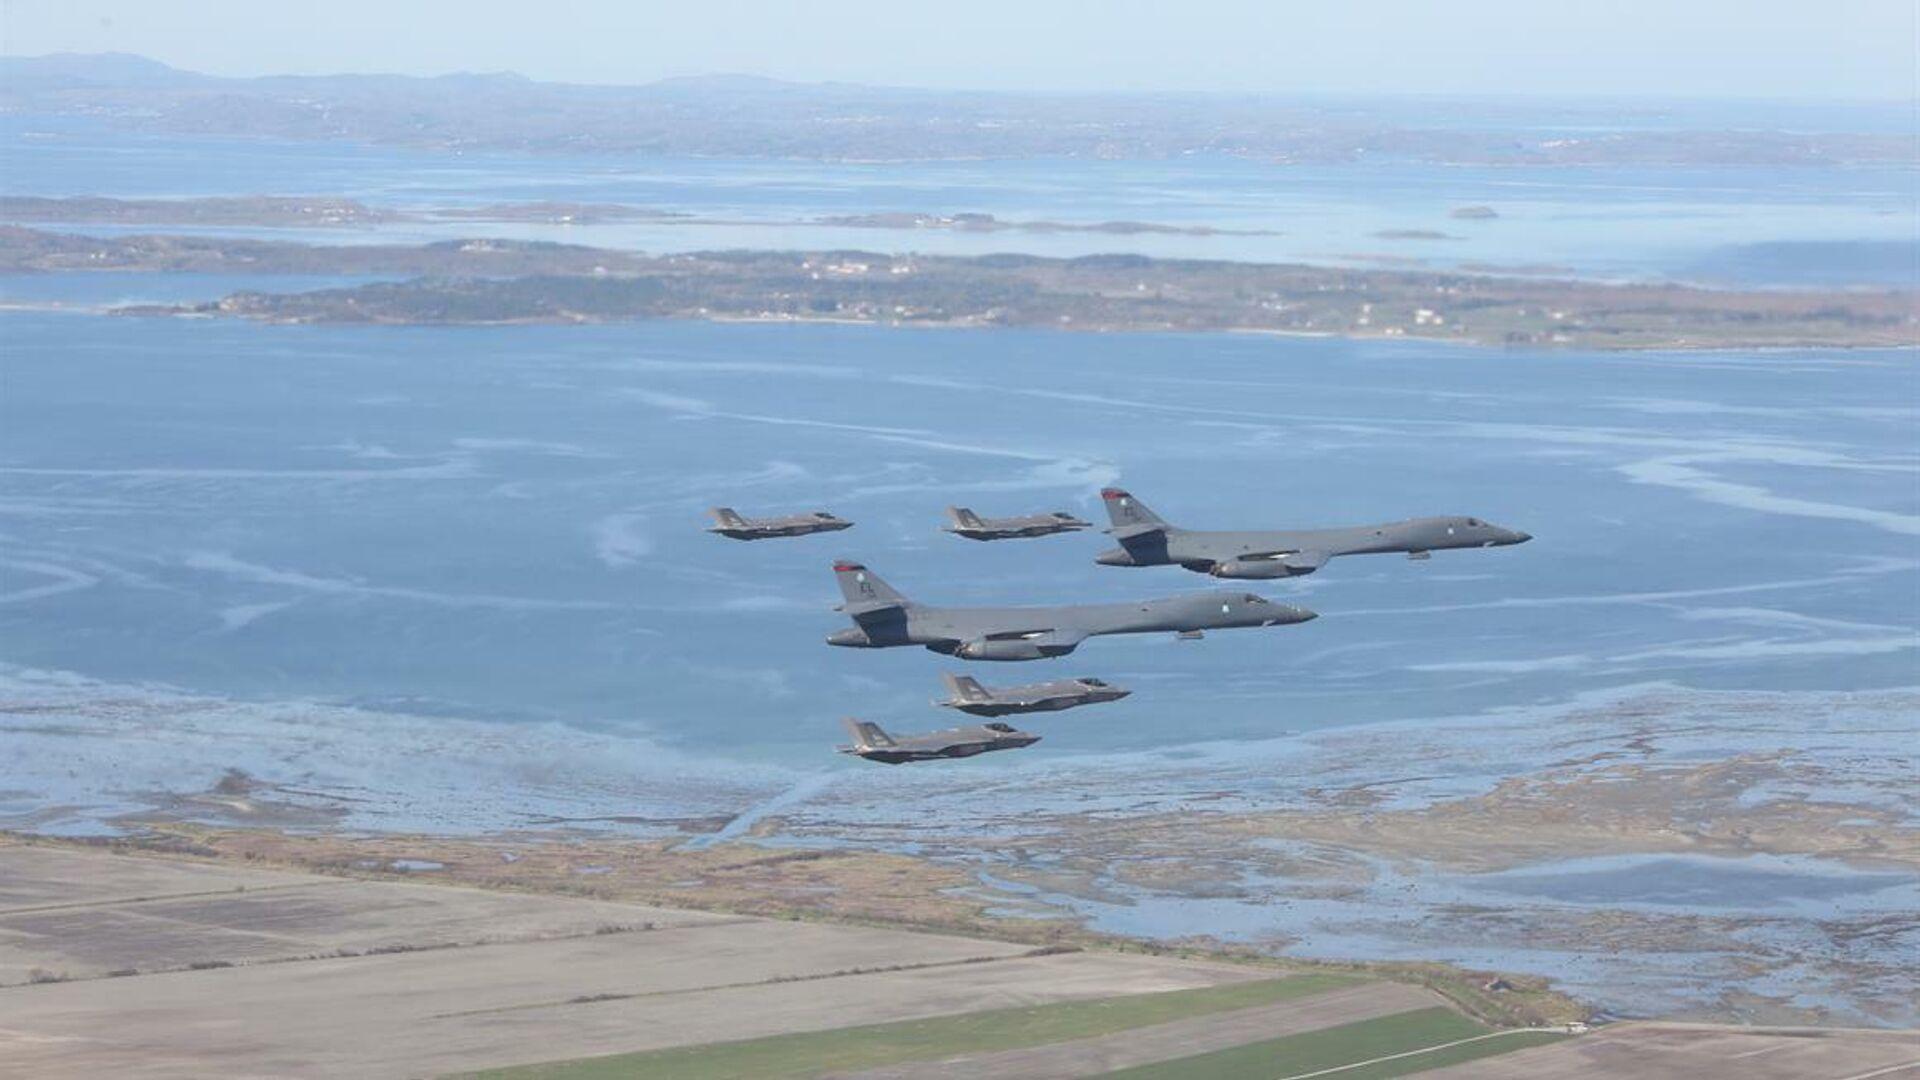 Американские стратегические бомбардировщики B-1B Lancer в сопровождении истребителей F-35 ВВС Норвегии - РИА Новости, 1920, 02.03.2021